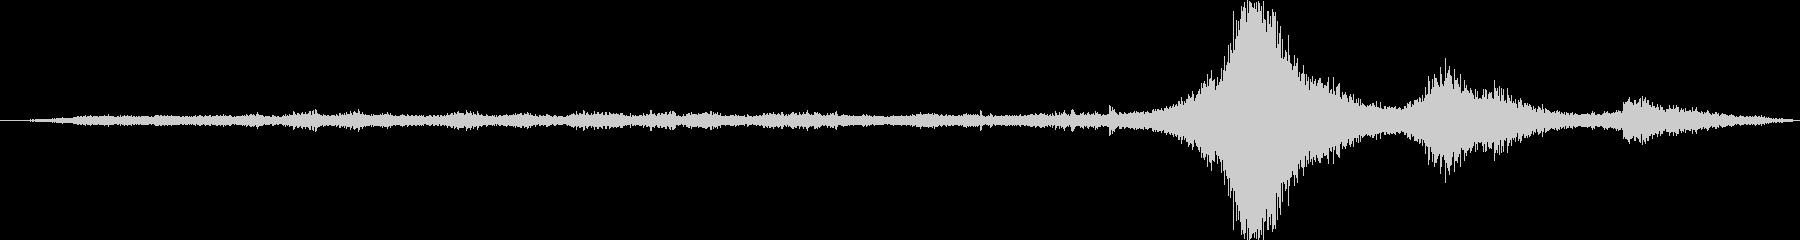 メタルローラーコースター:群衆の叫...の未再生の波形